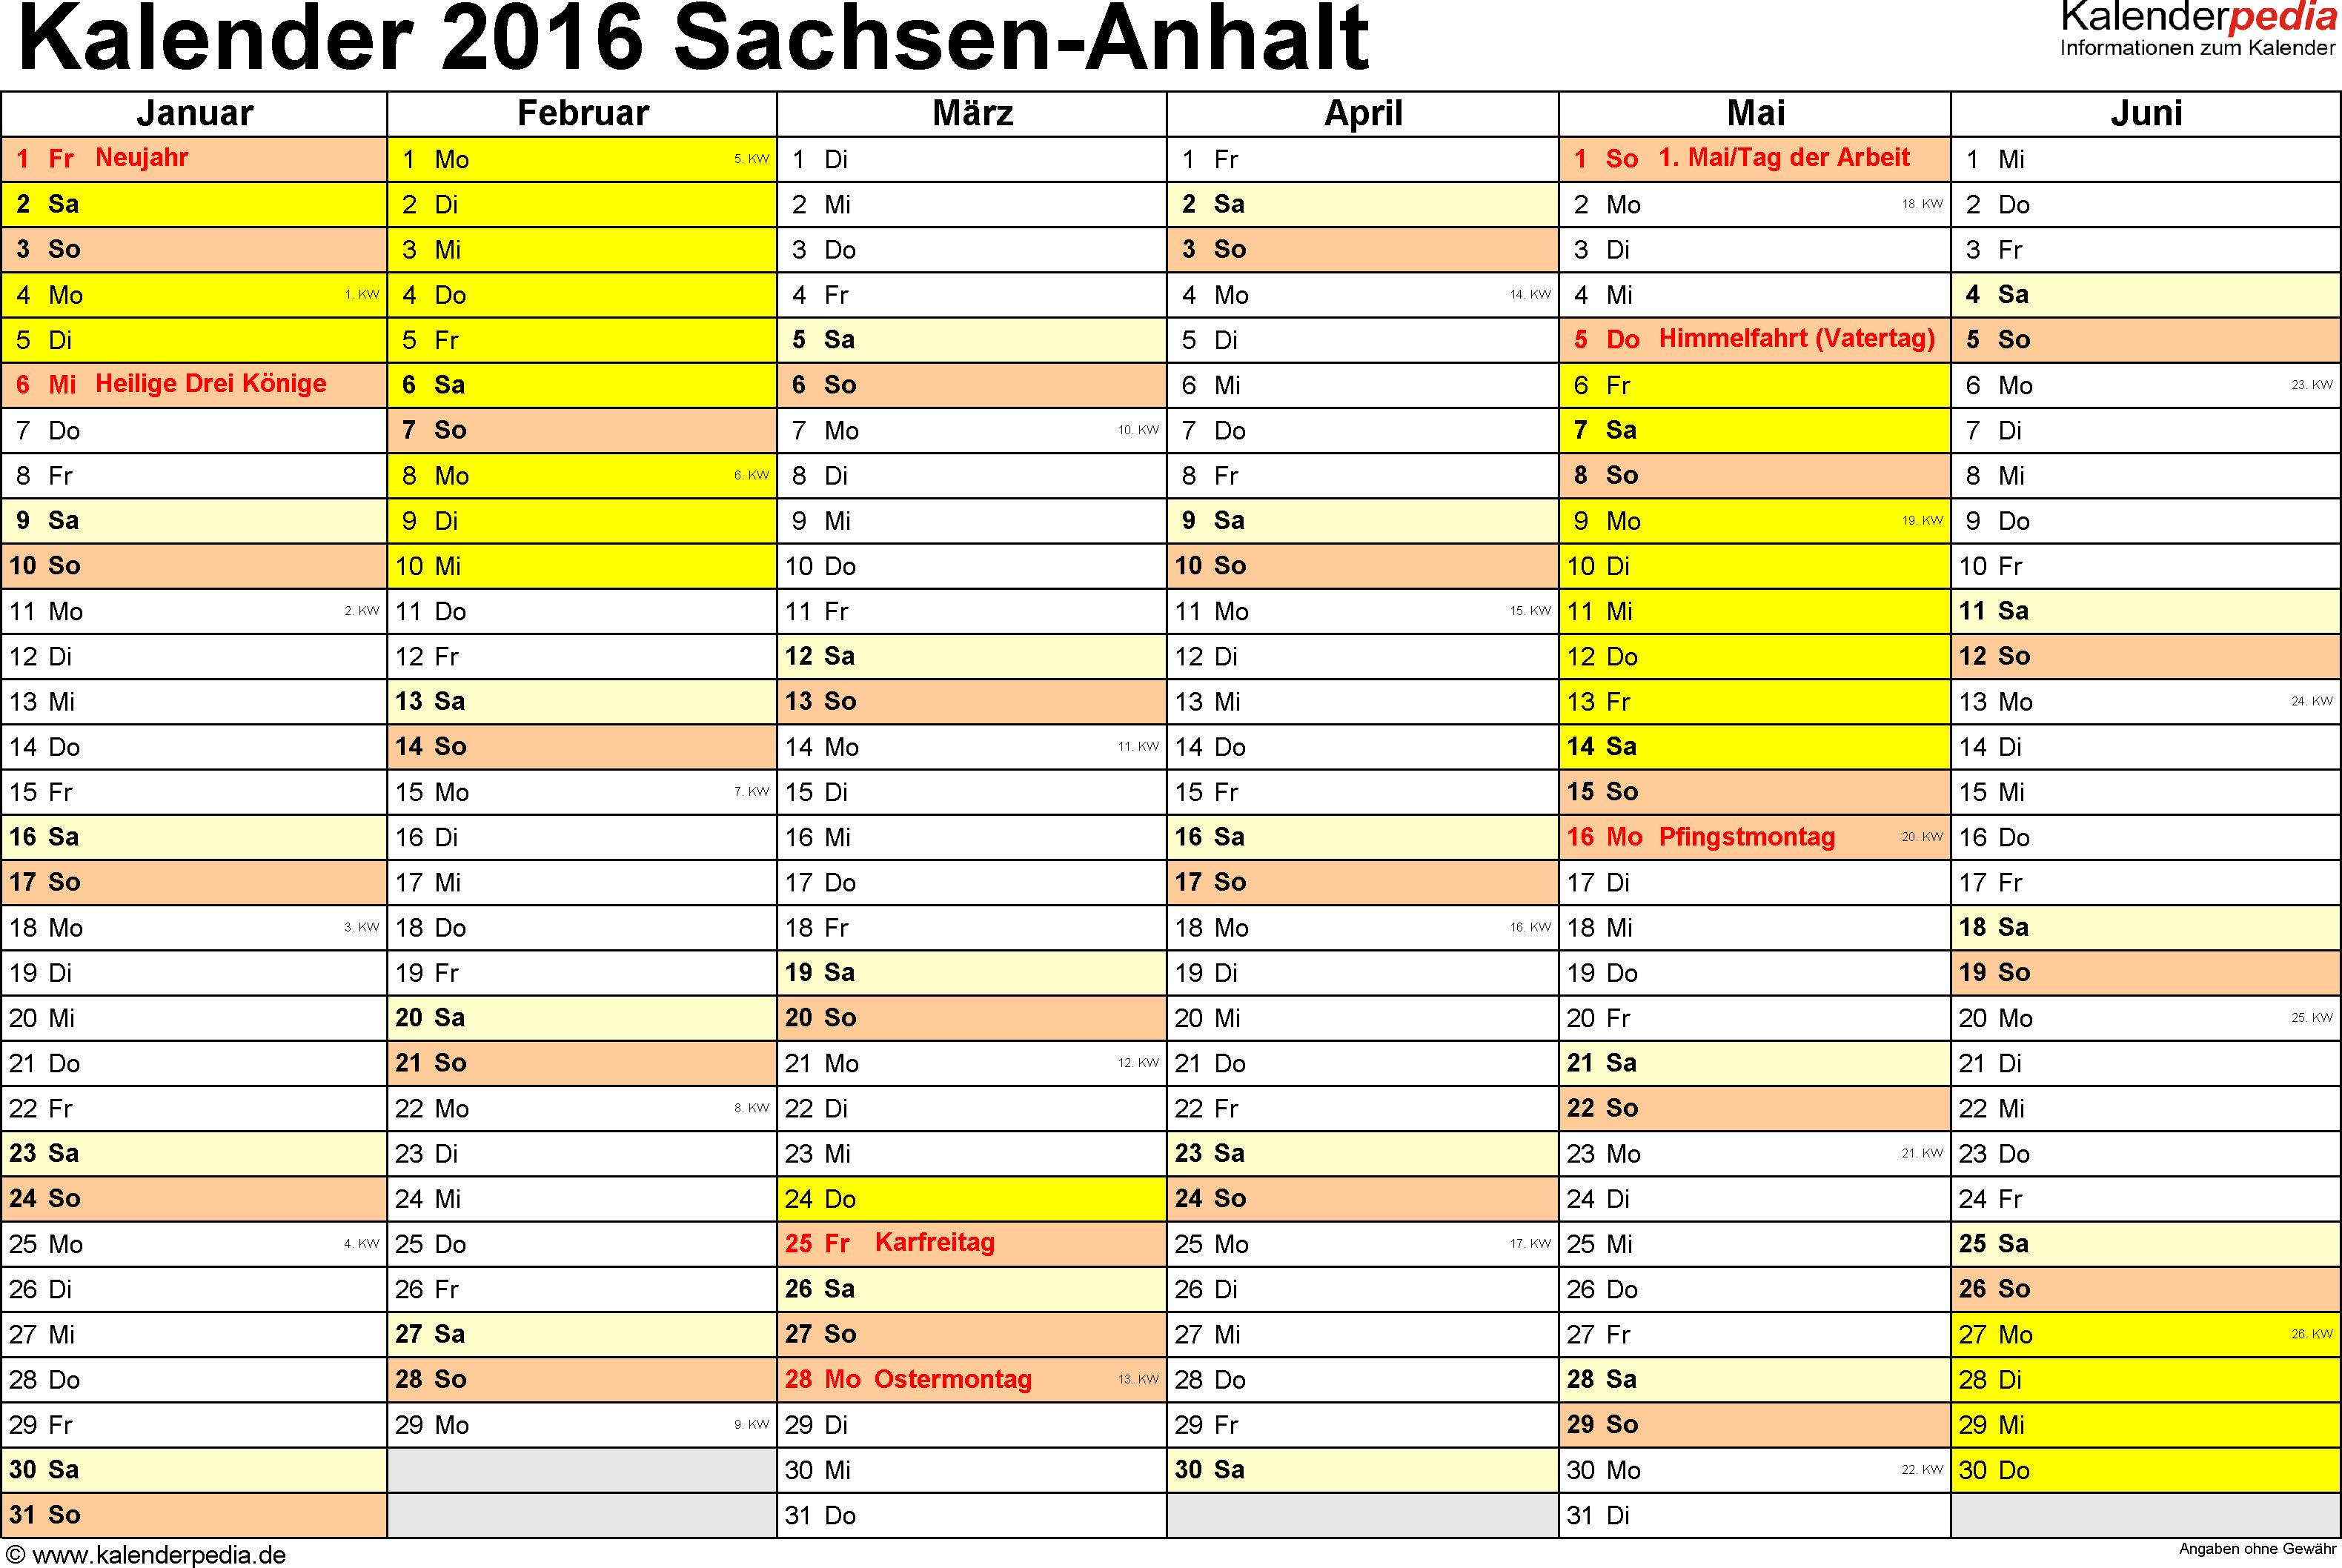 Vorlage 3: Kalender 2016 für Sachsen-Anhalt als PDF-Vorlagen (Querformat, 2 Seiten)